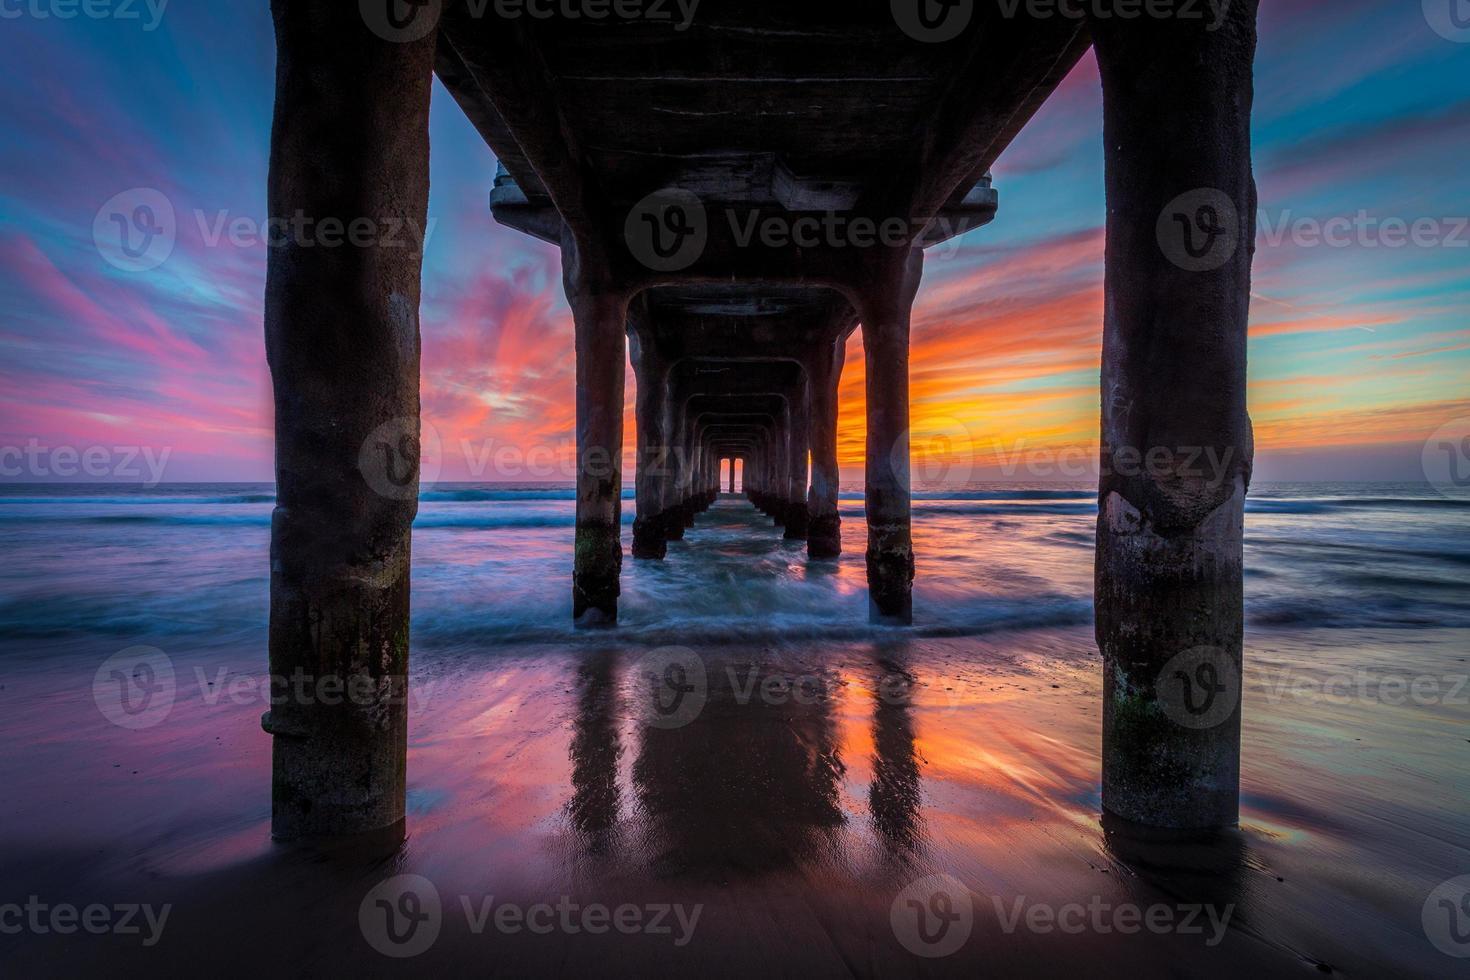 sotto un molo sull'oceano al tramonto foto